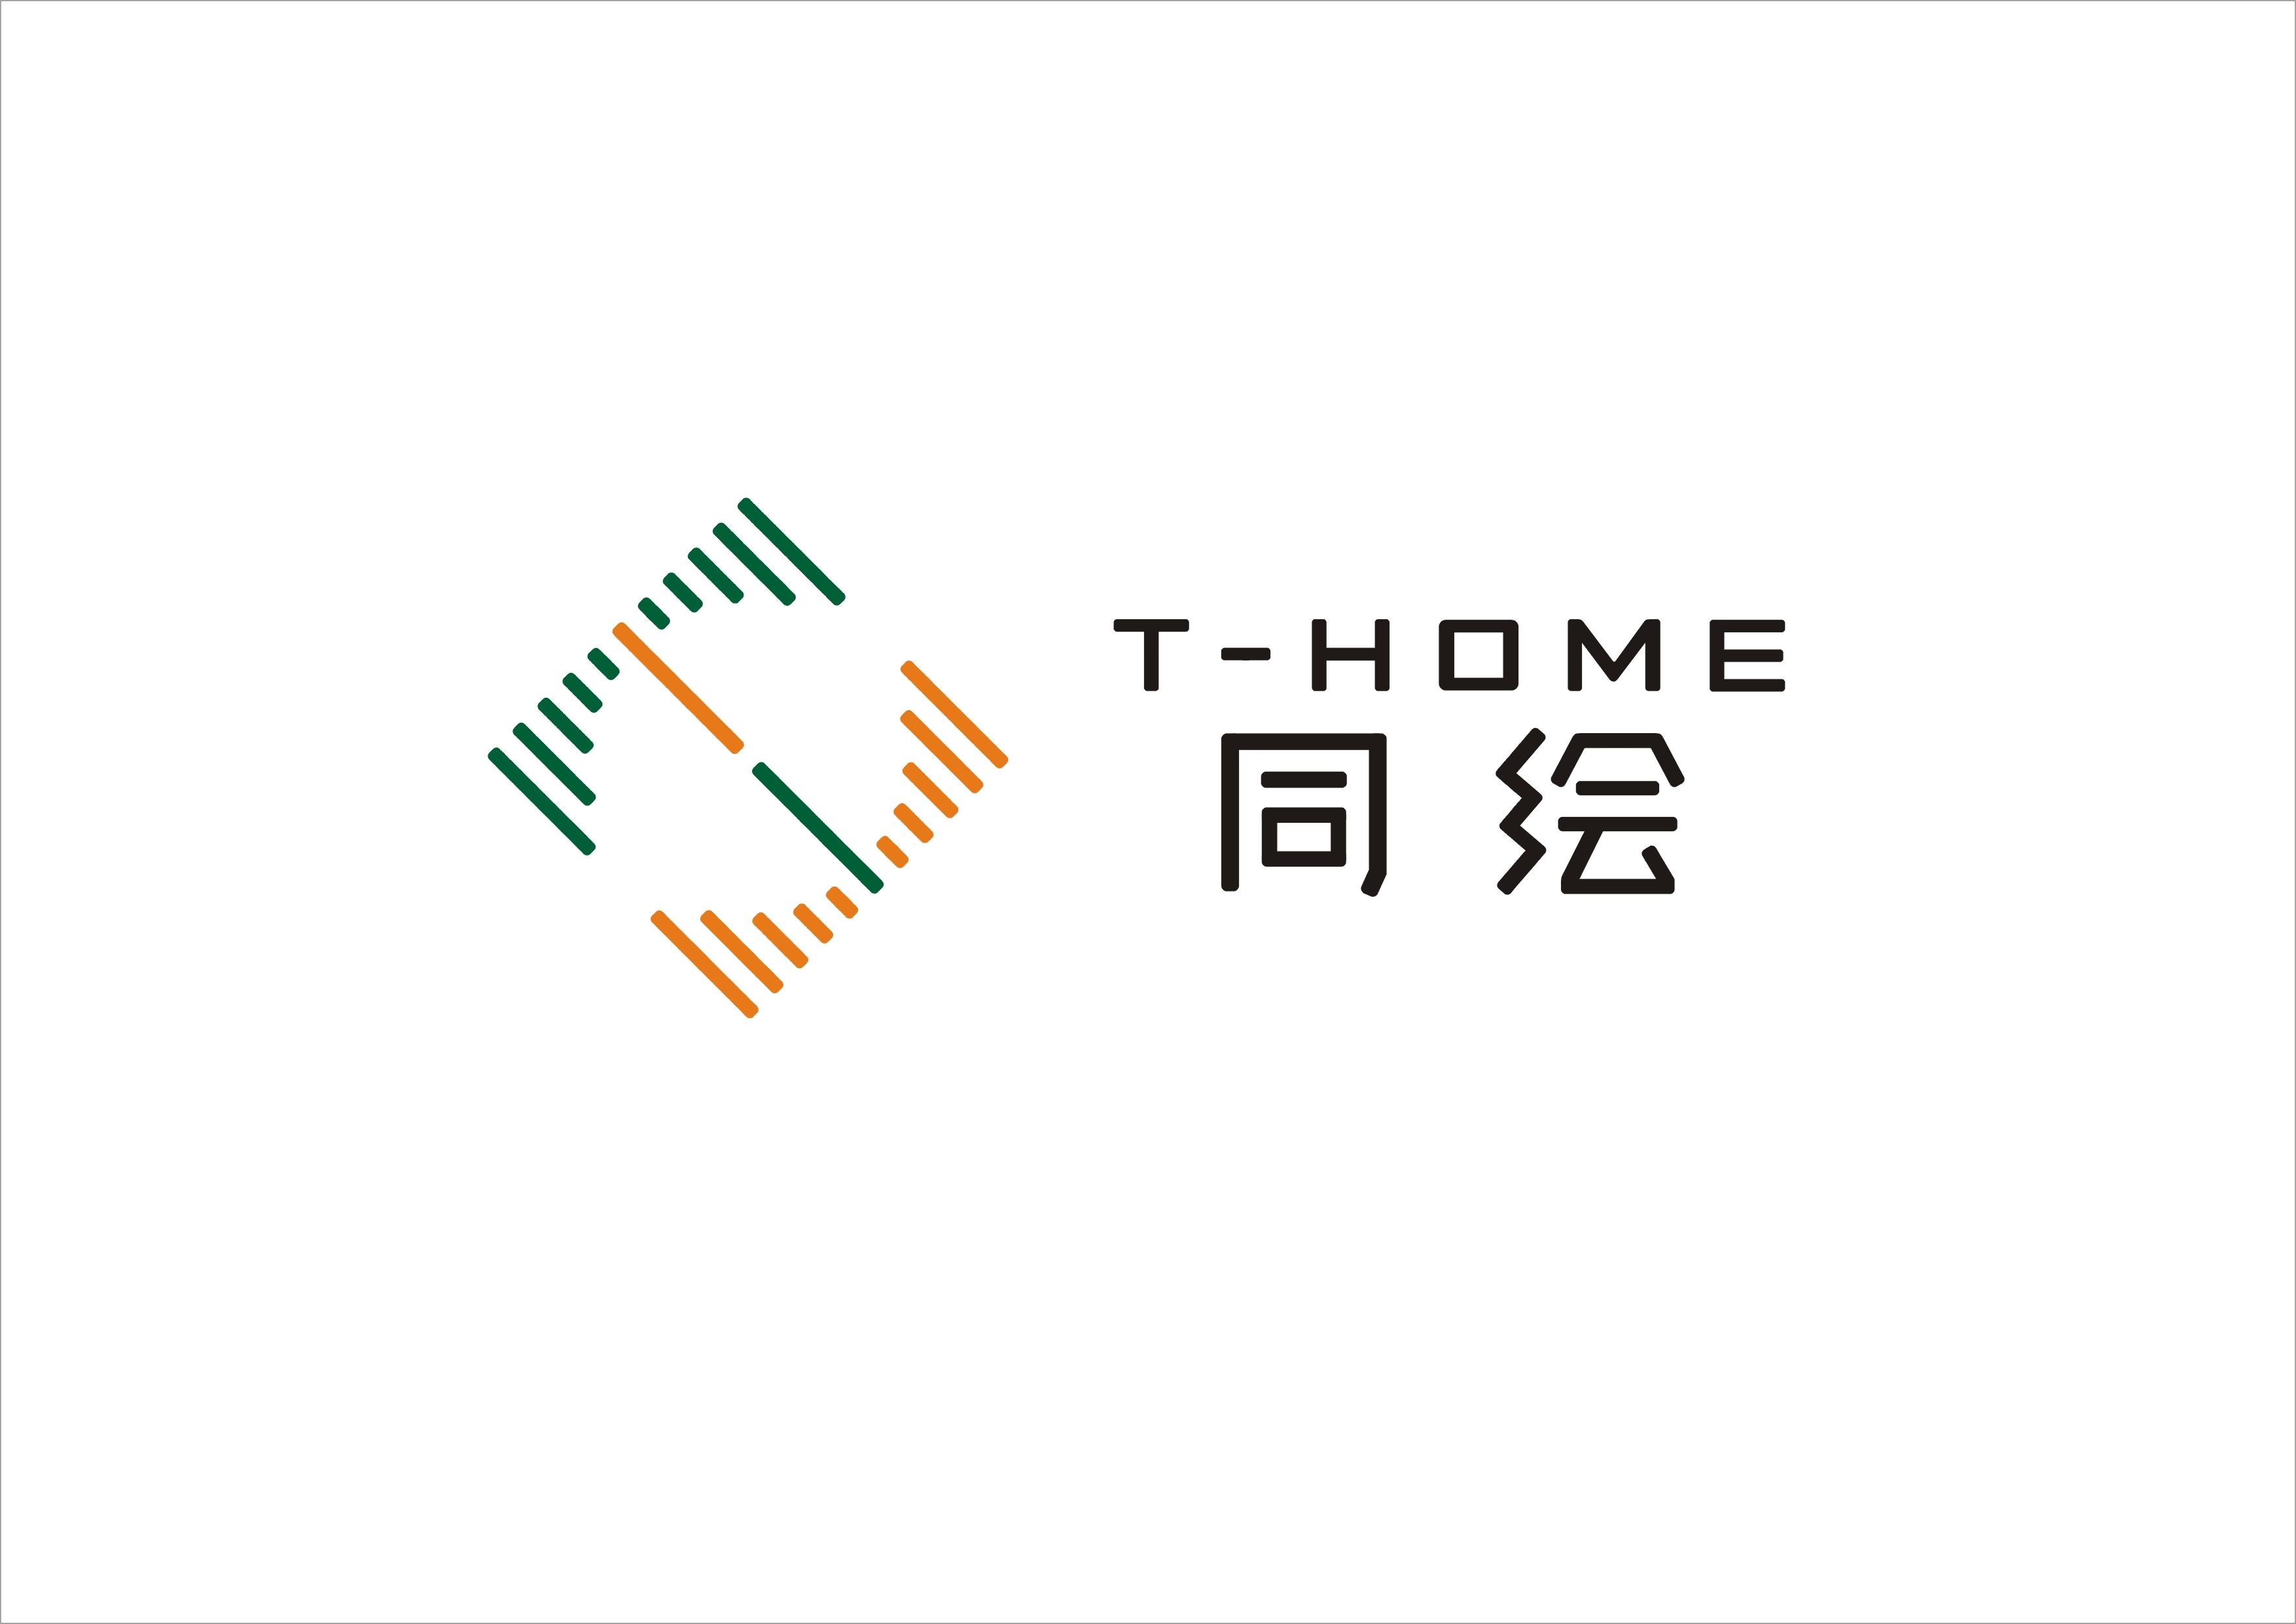 安徽同繪家園土地信息技術有限公司